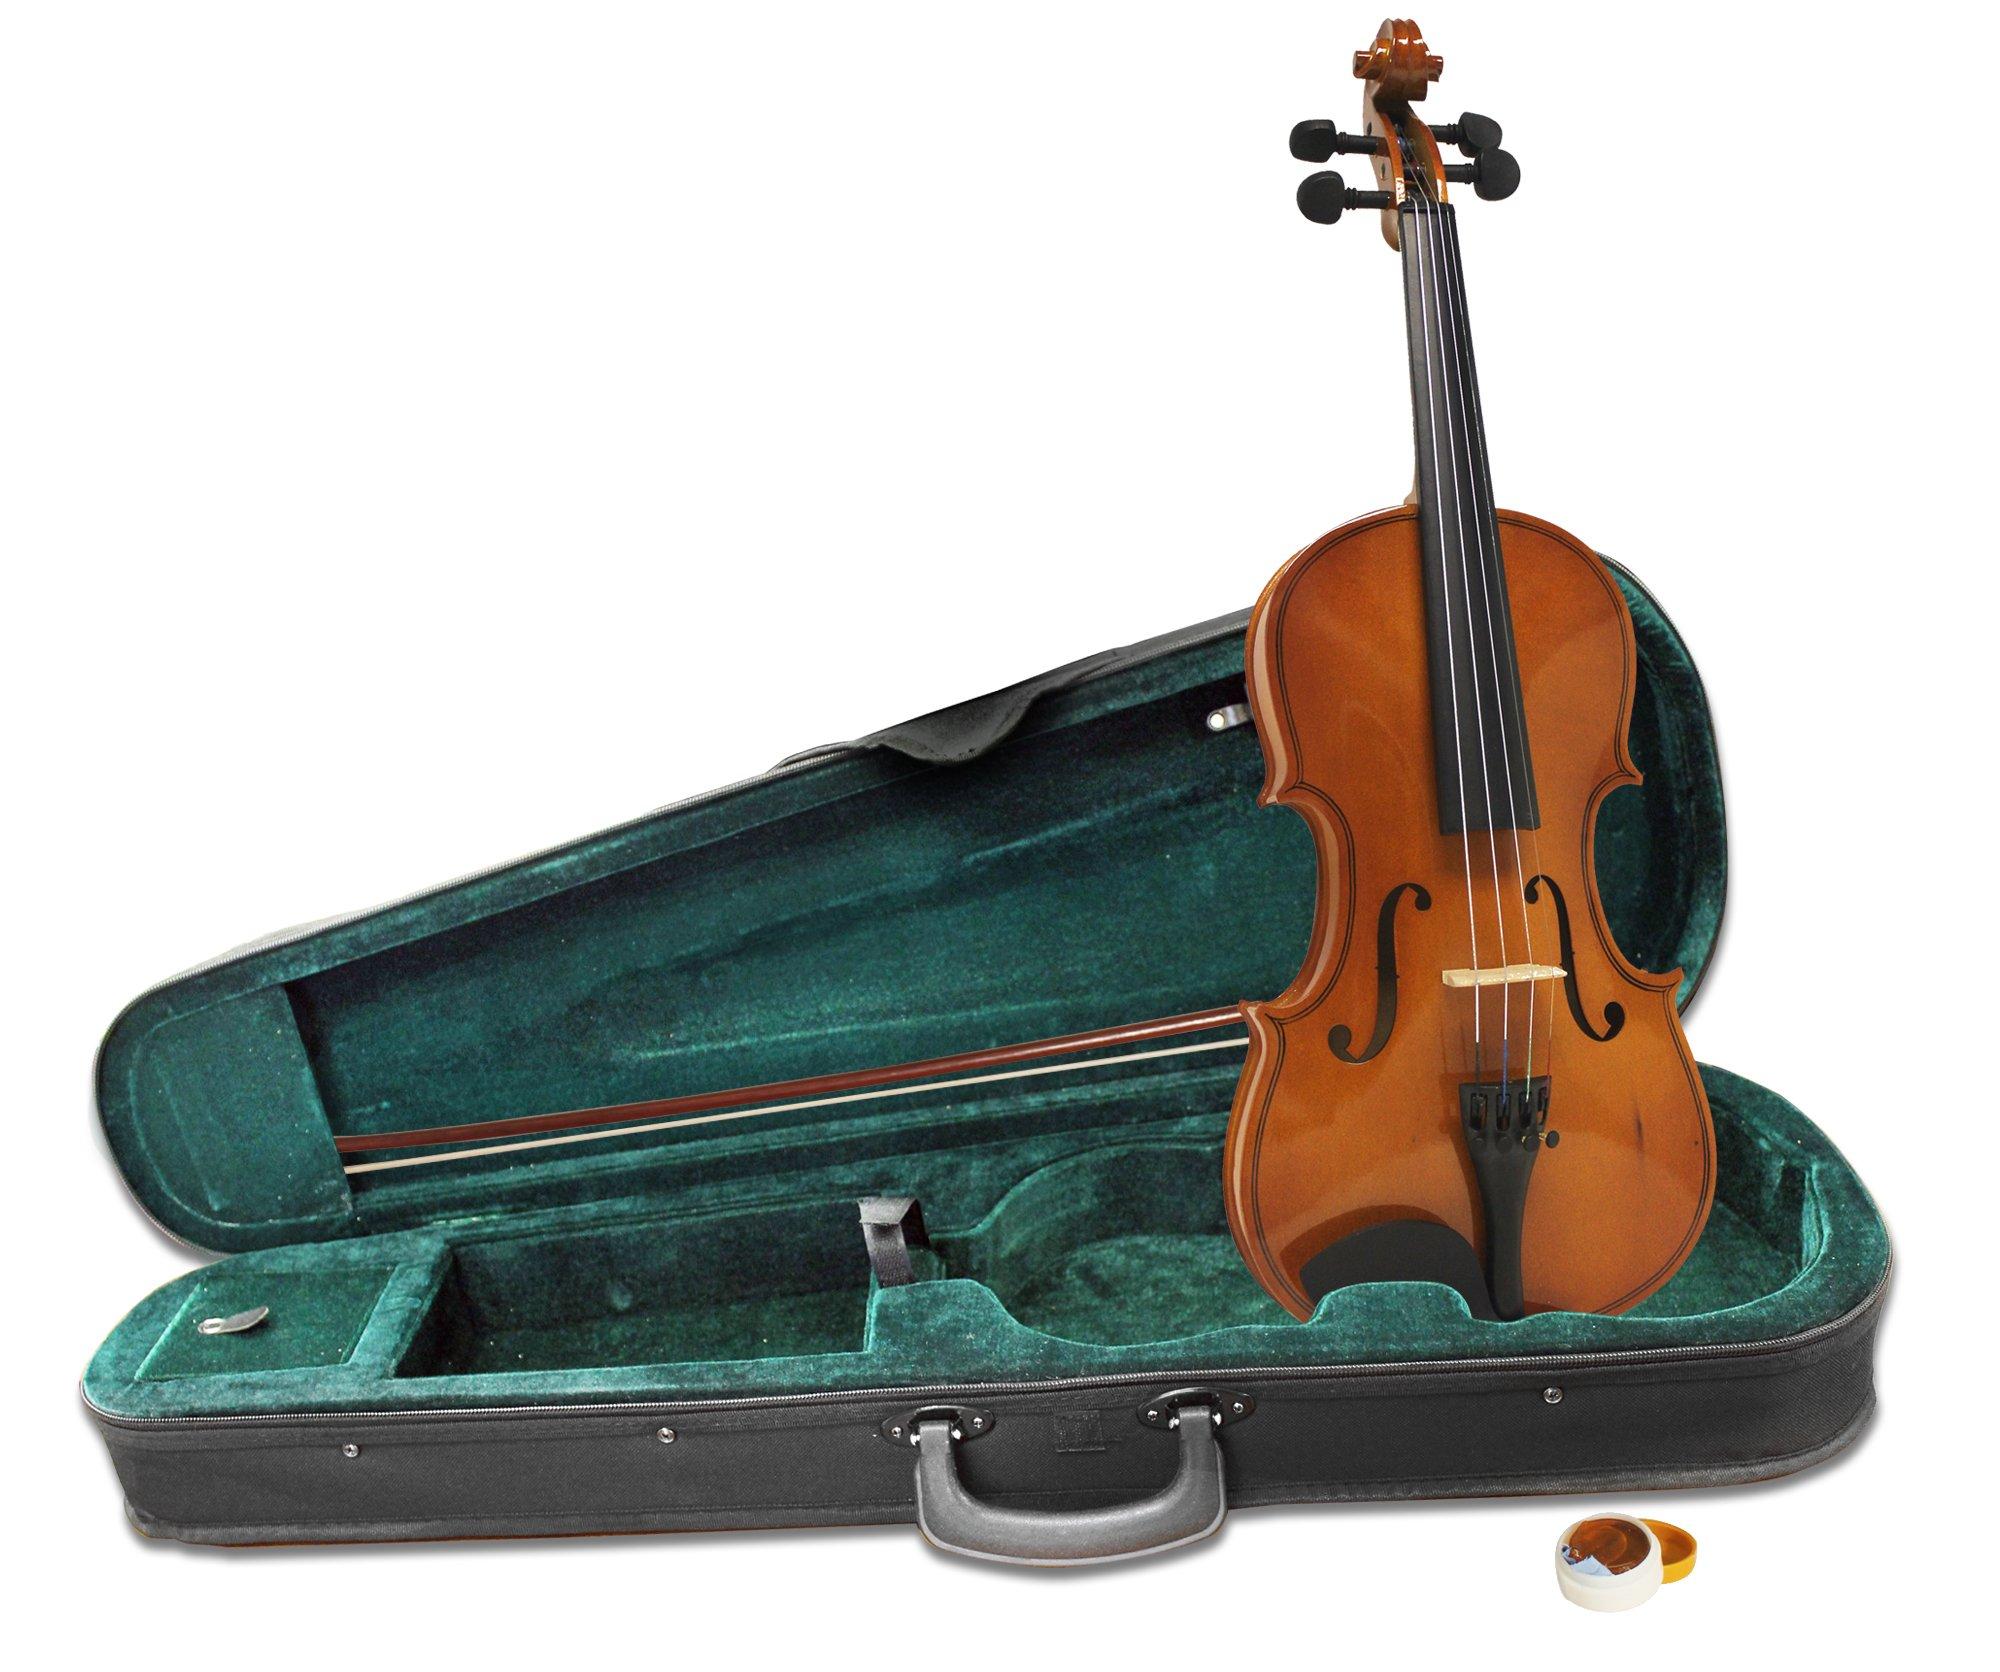 Windsor MI-1013 Violino, 1/4 Size